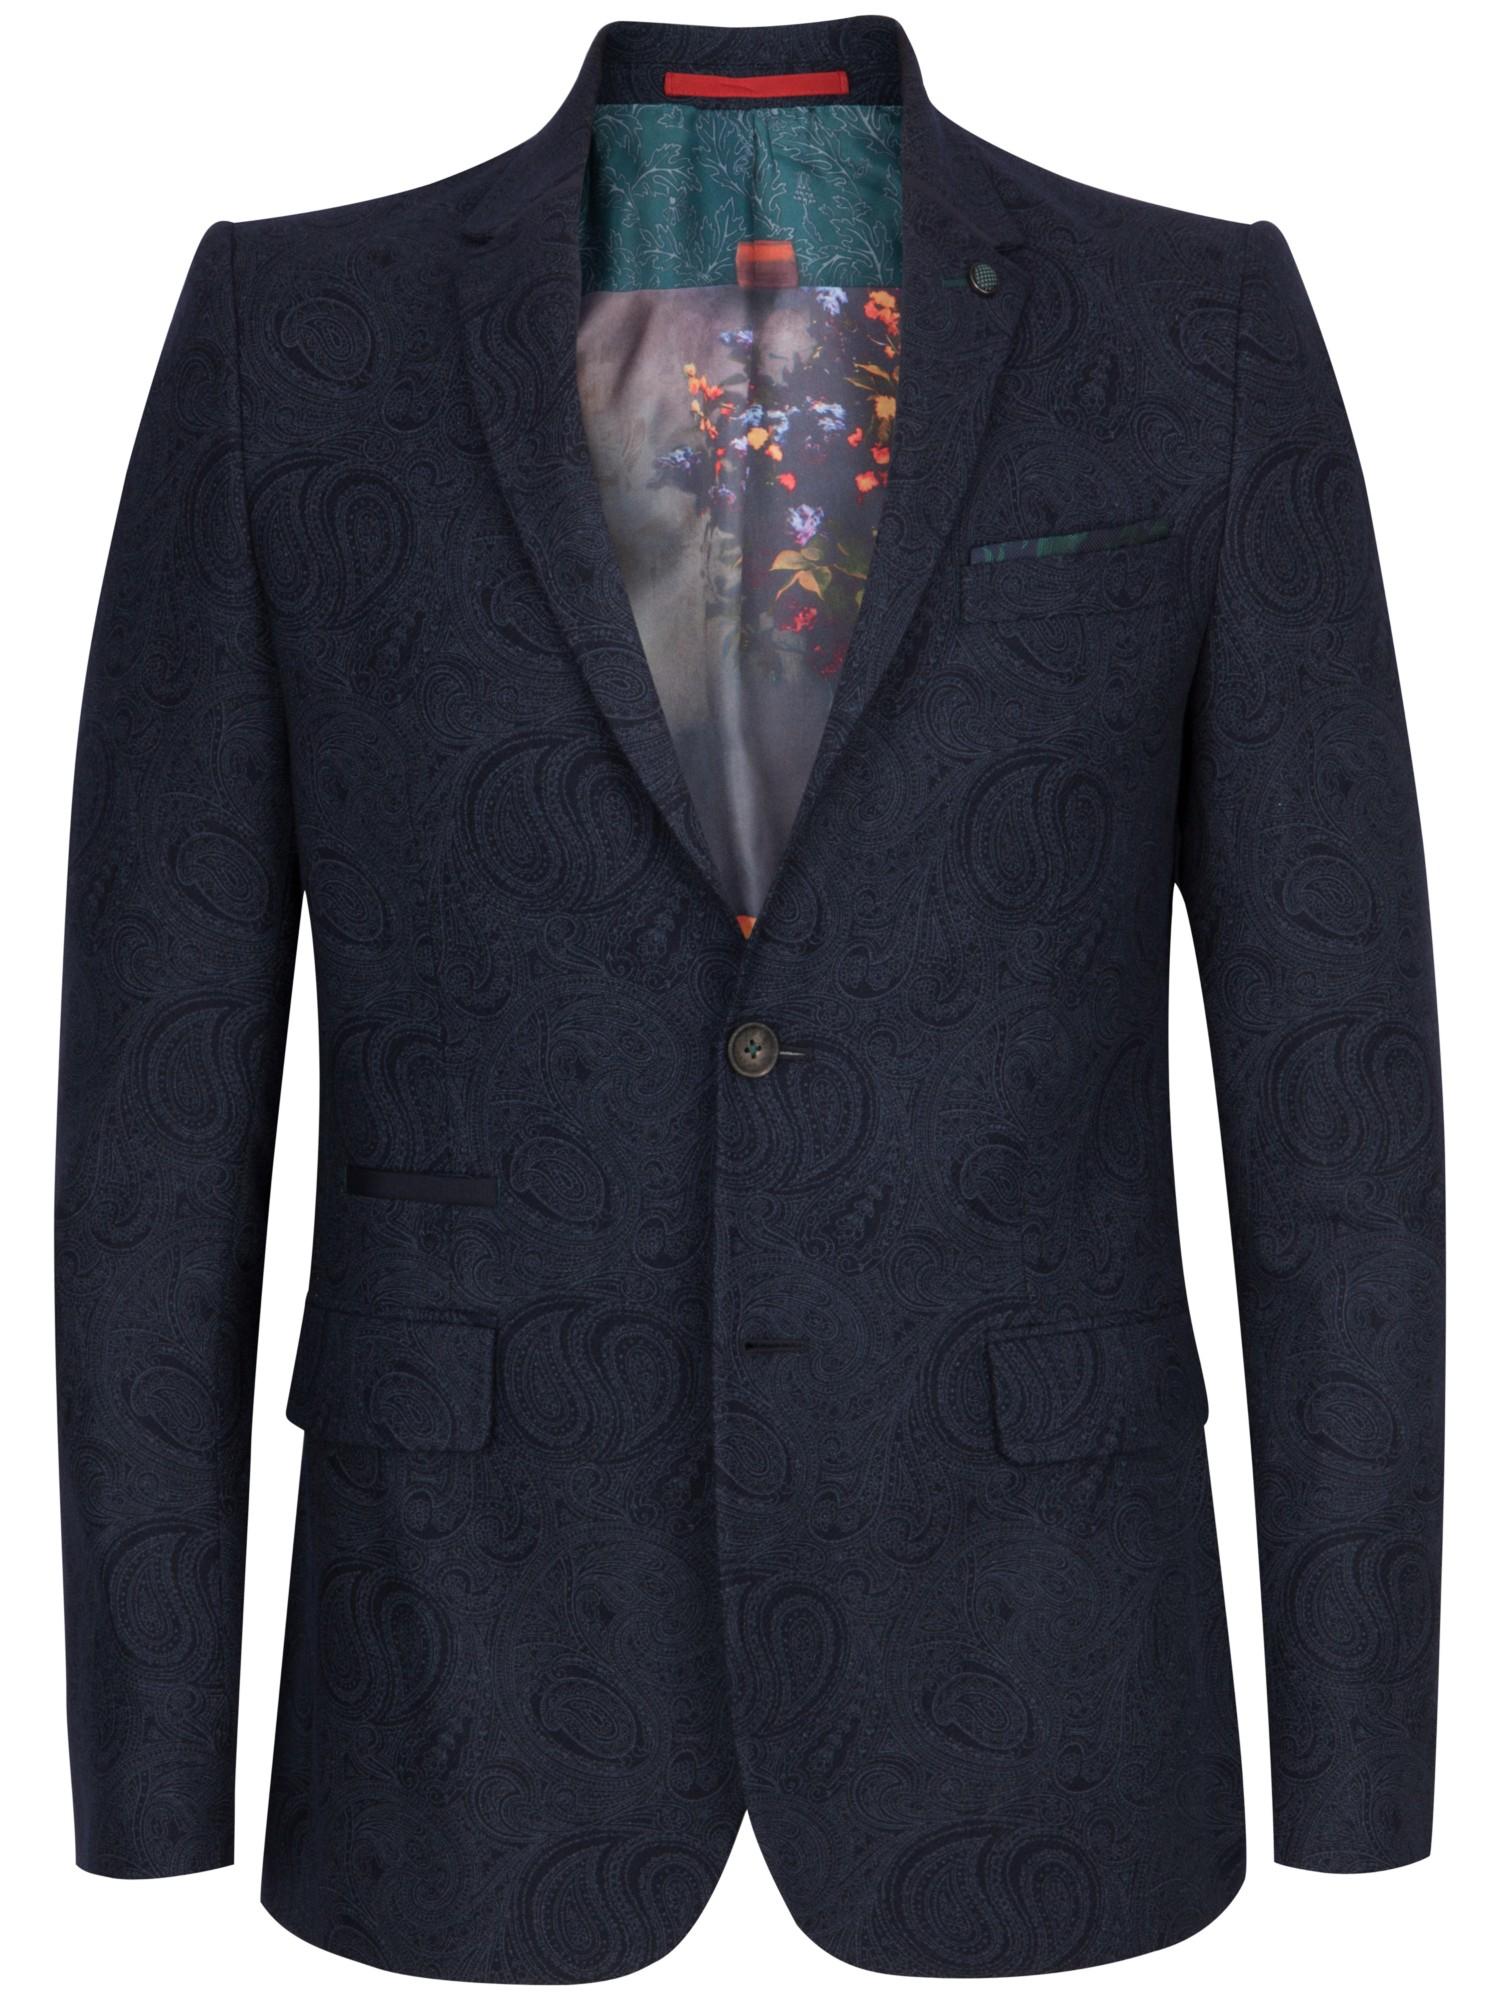 65b3fb96c690f9 Ted Baker Hiko Paisley Print Blazer in Blue for Men - Lyst